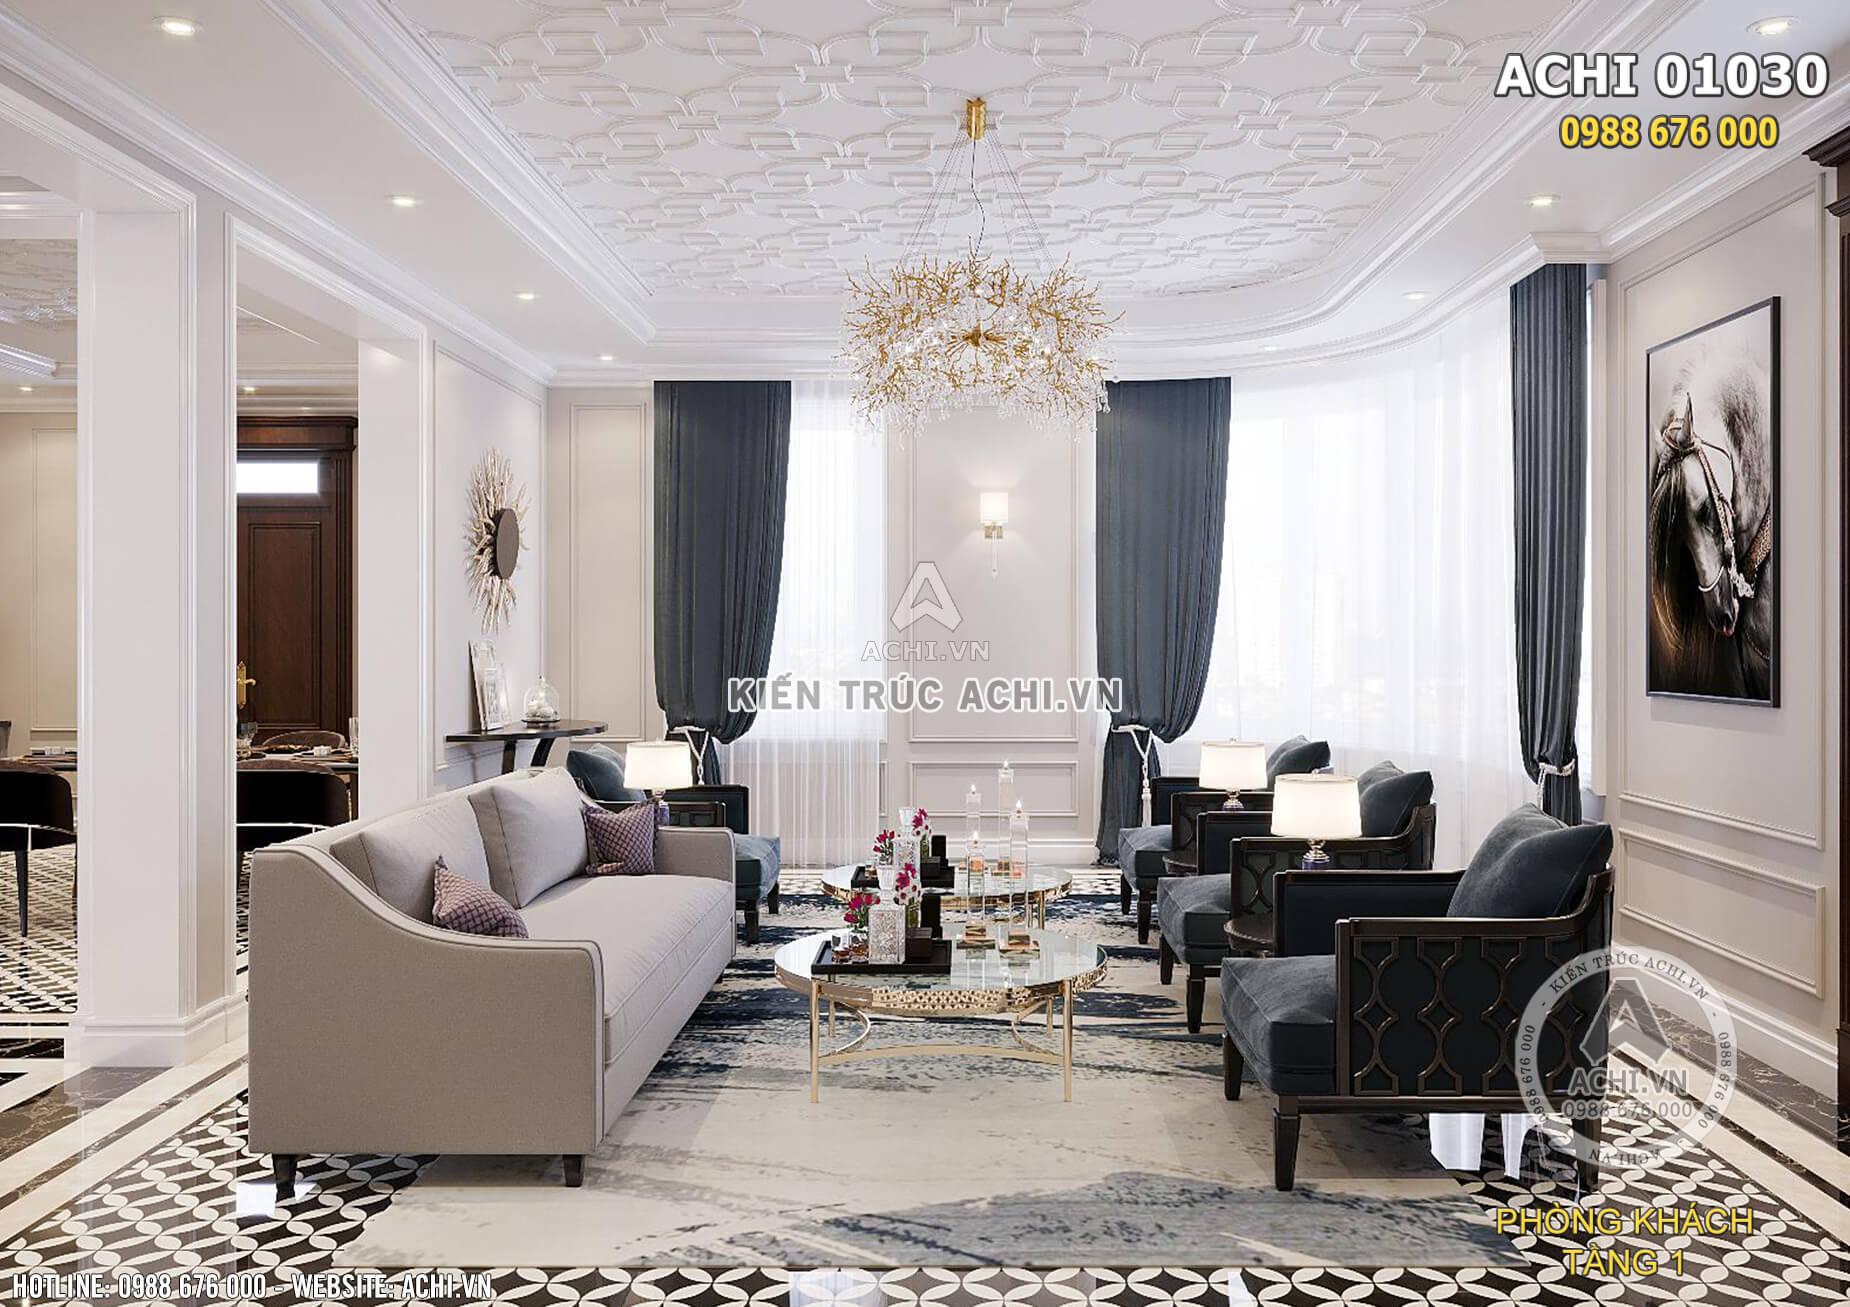 Ngoài hệ thống đèn chiếu sáng vô cùng lung linh cùng các màu sắc của nội thất cho thấy chủ nhà vô cùng cá tính